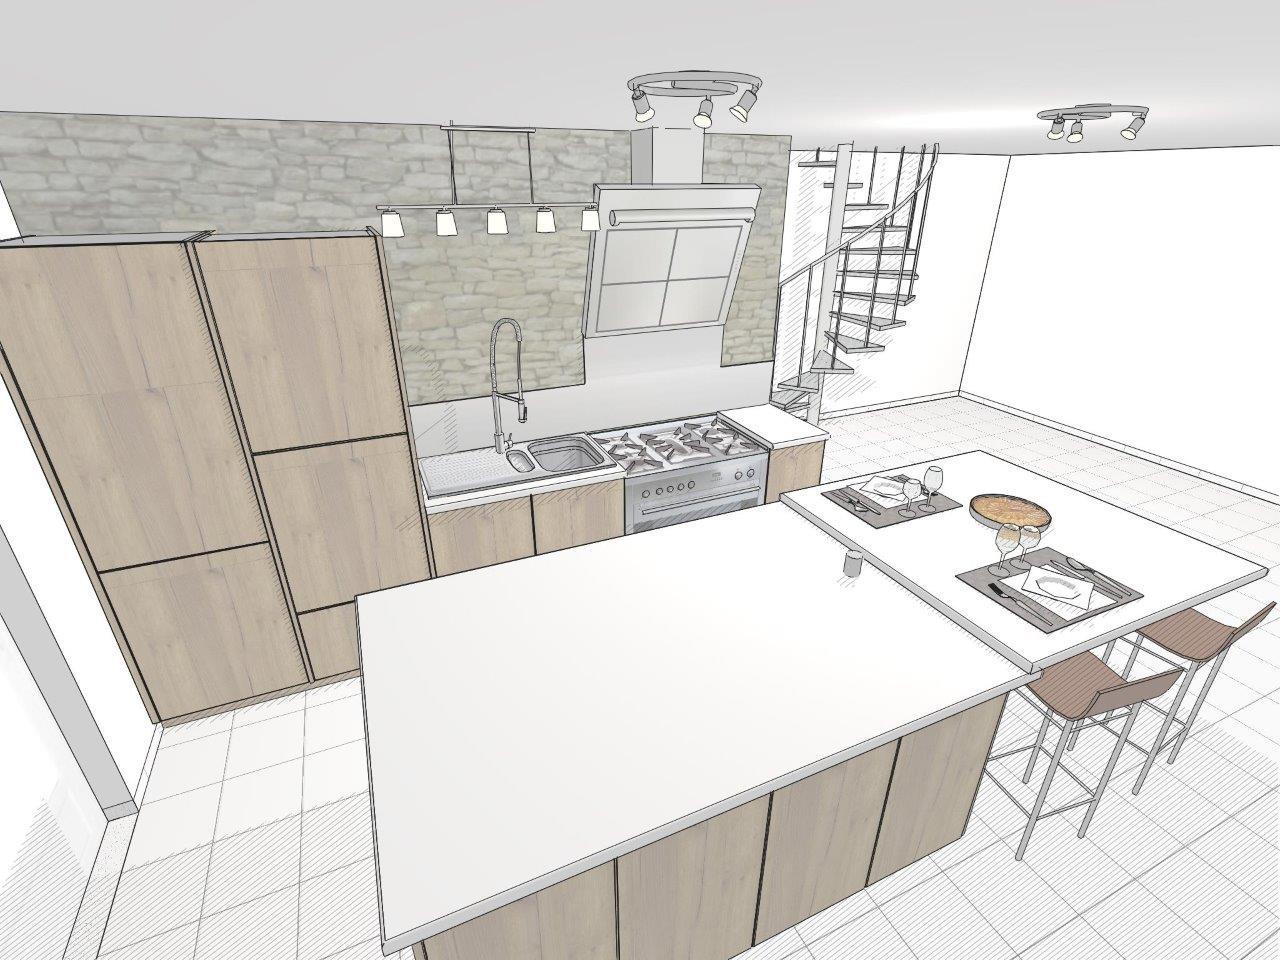 app6 d veloppement de logiciels 3d sur mesure et site web. Black Bedroom Furniture Sets. Home Design Ideas